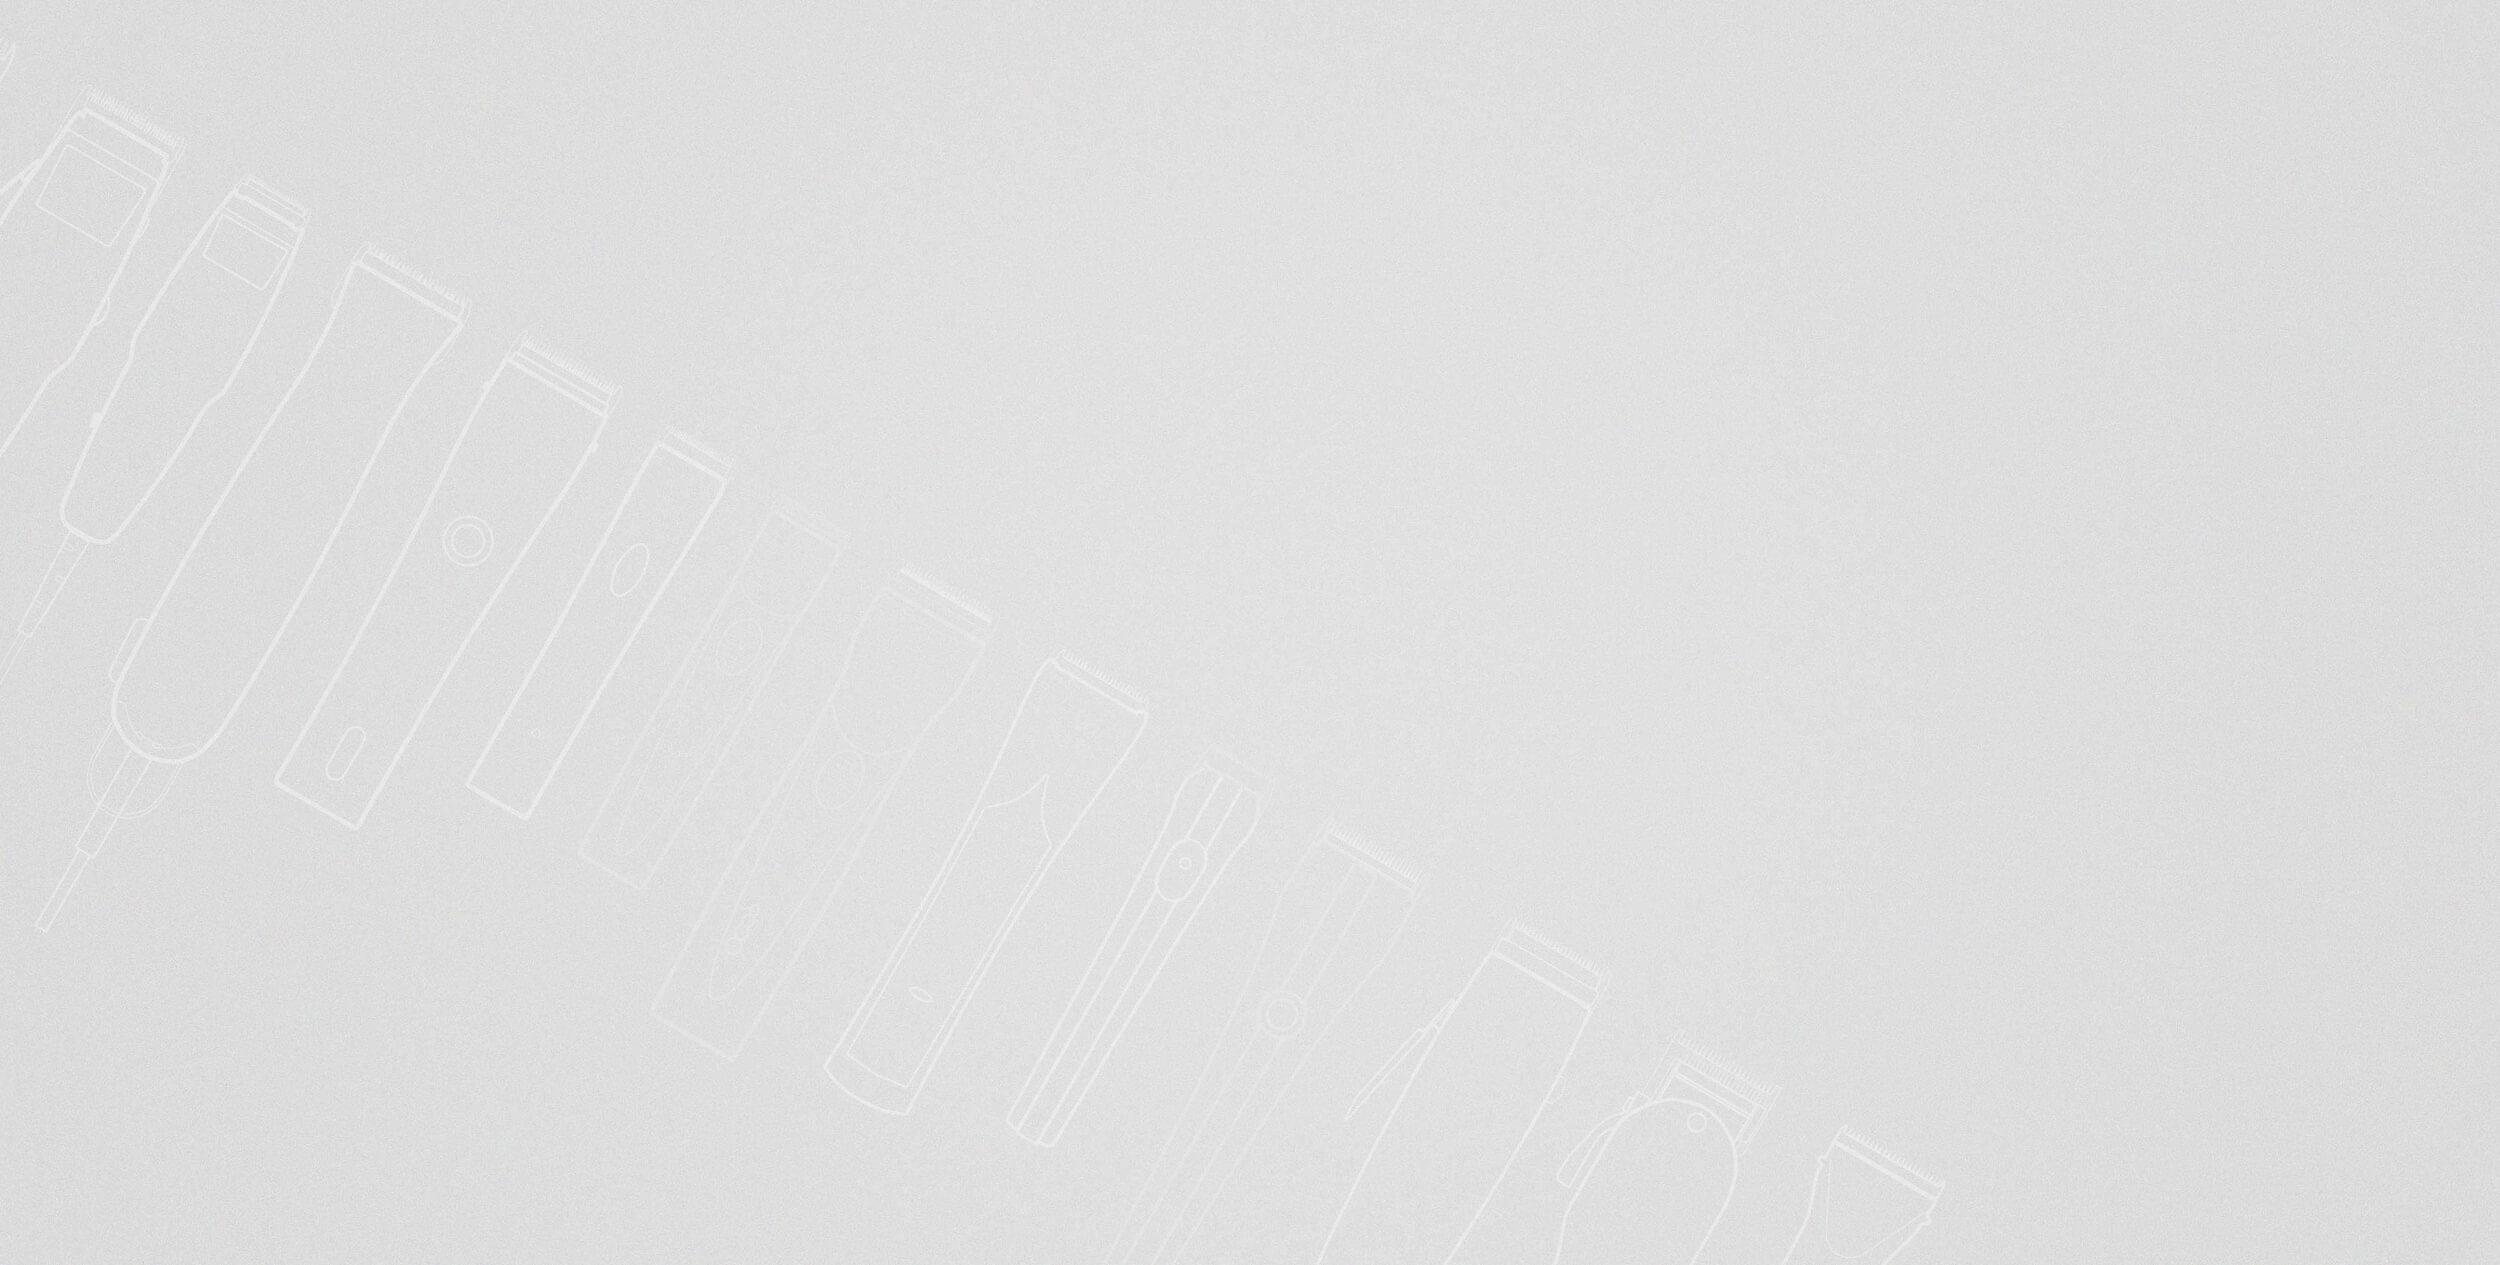 Schablone MP Startseite Slides4.jpg